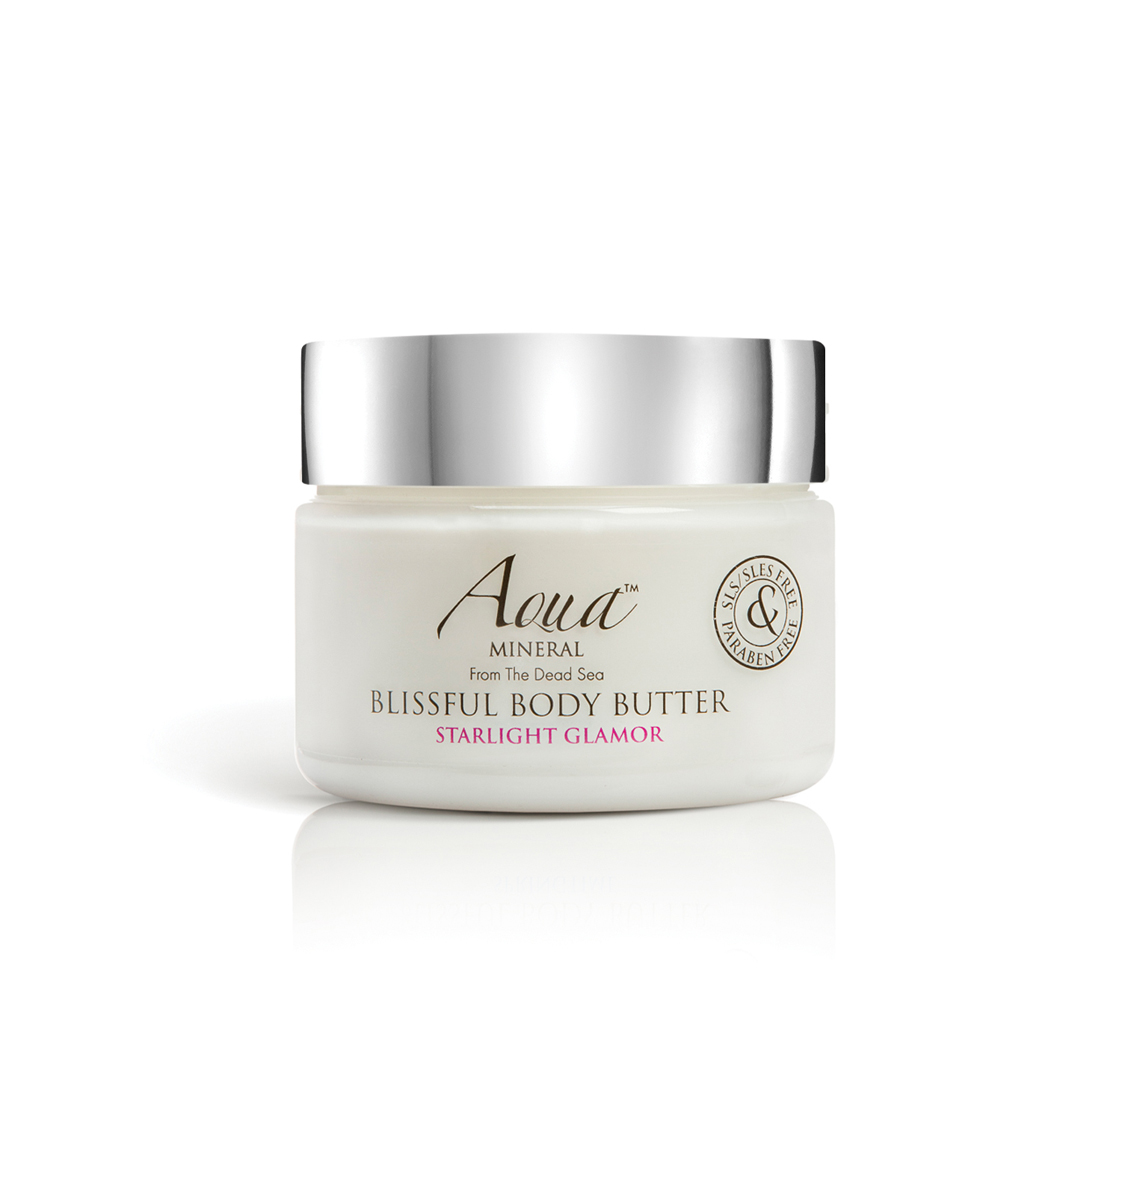 Aqua mineral Крем-масло восхитительное для тела Звездный гламур 350 мл сыворотки aqua mineral средство питательное парфюмированное для волос 30 мл